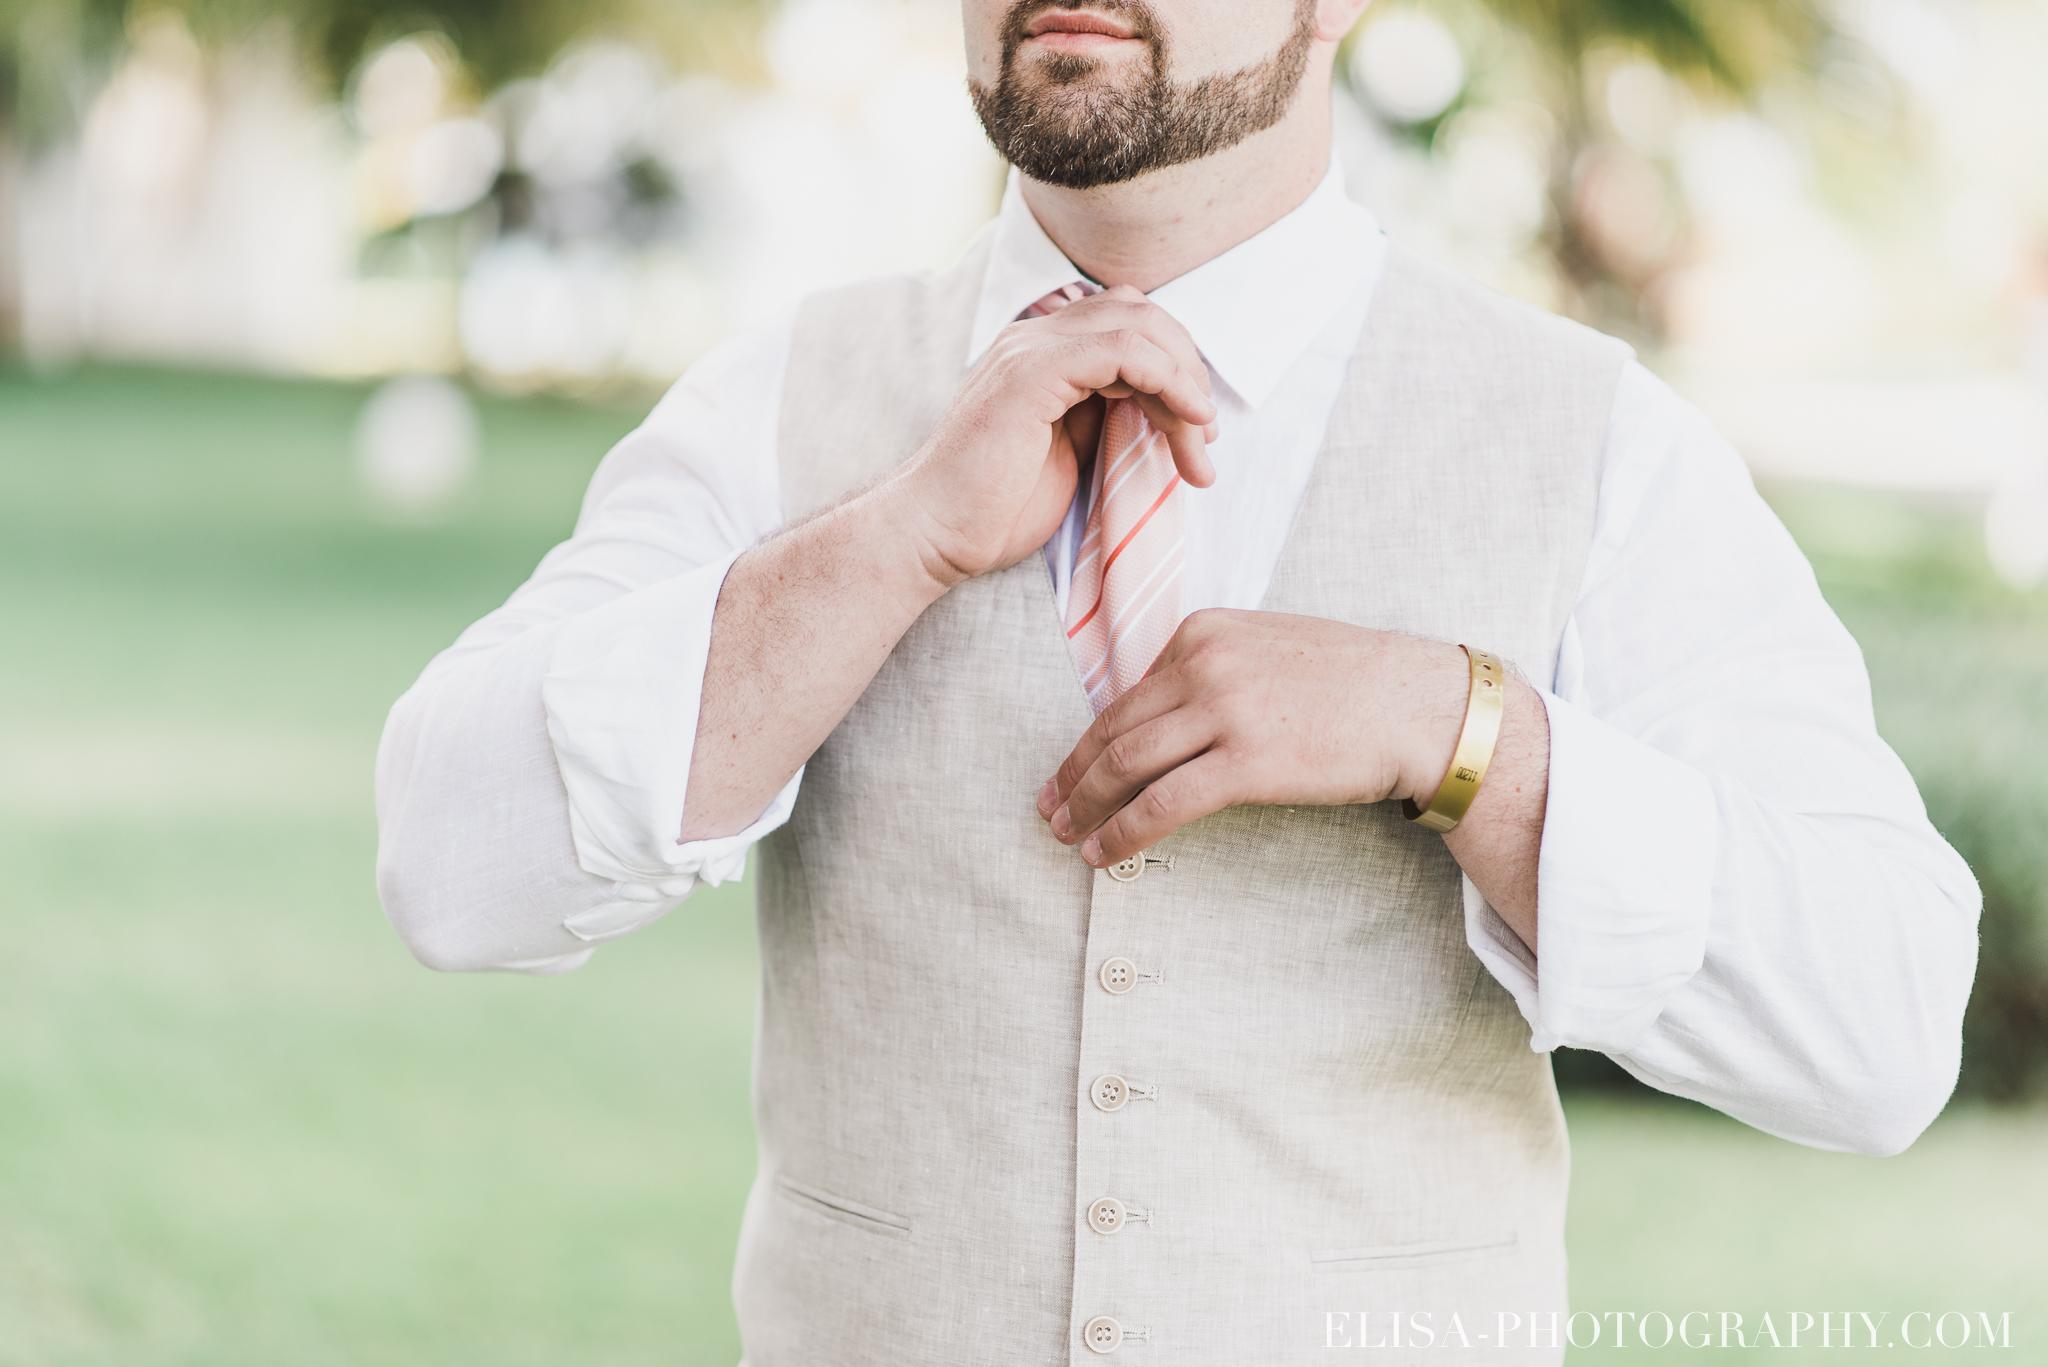 mariage de rêve à destination groom cravate marié préparation grand bahia principe jamaïque photo 4719 - Galerie photos de mariages à destination